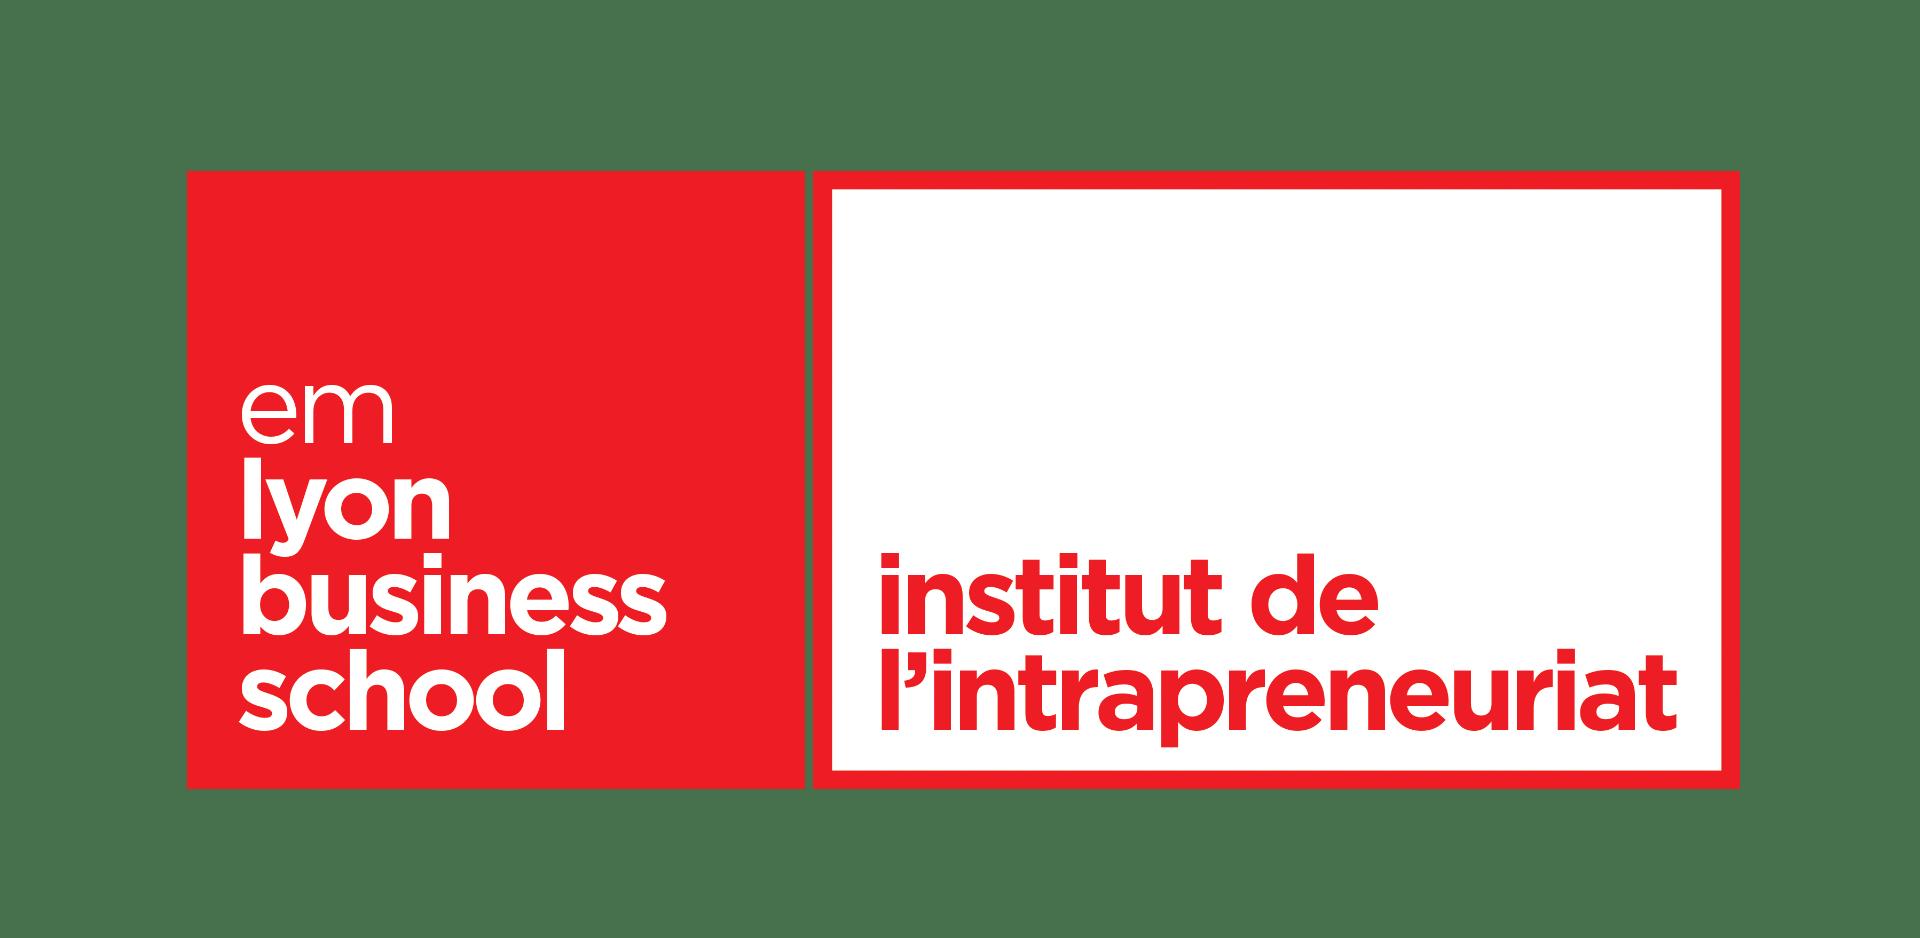 L'INSTITUT DE L'INTRAPRENEURIAT